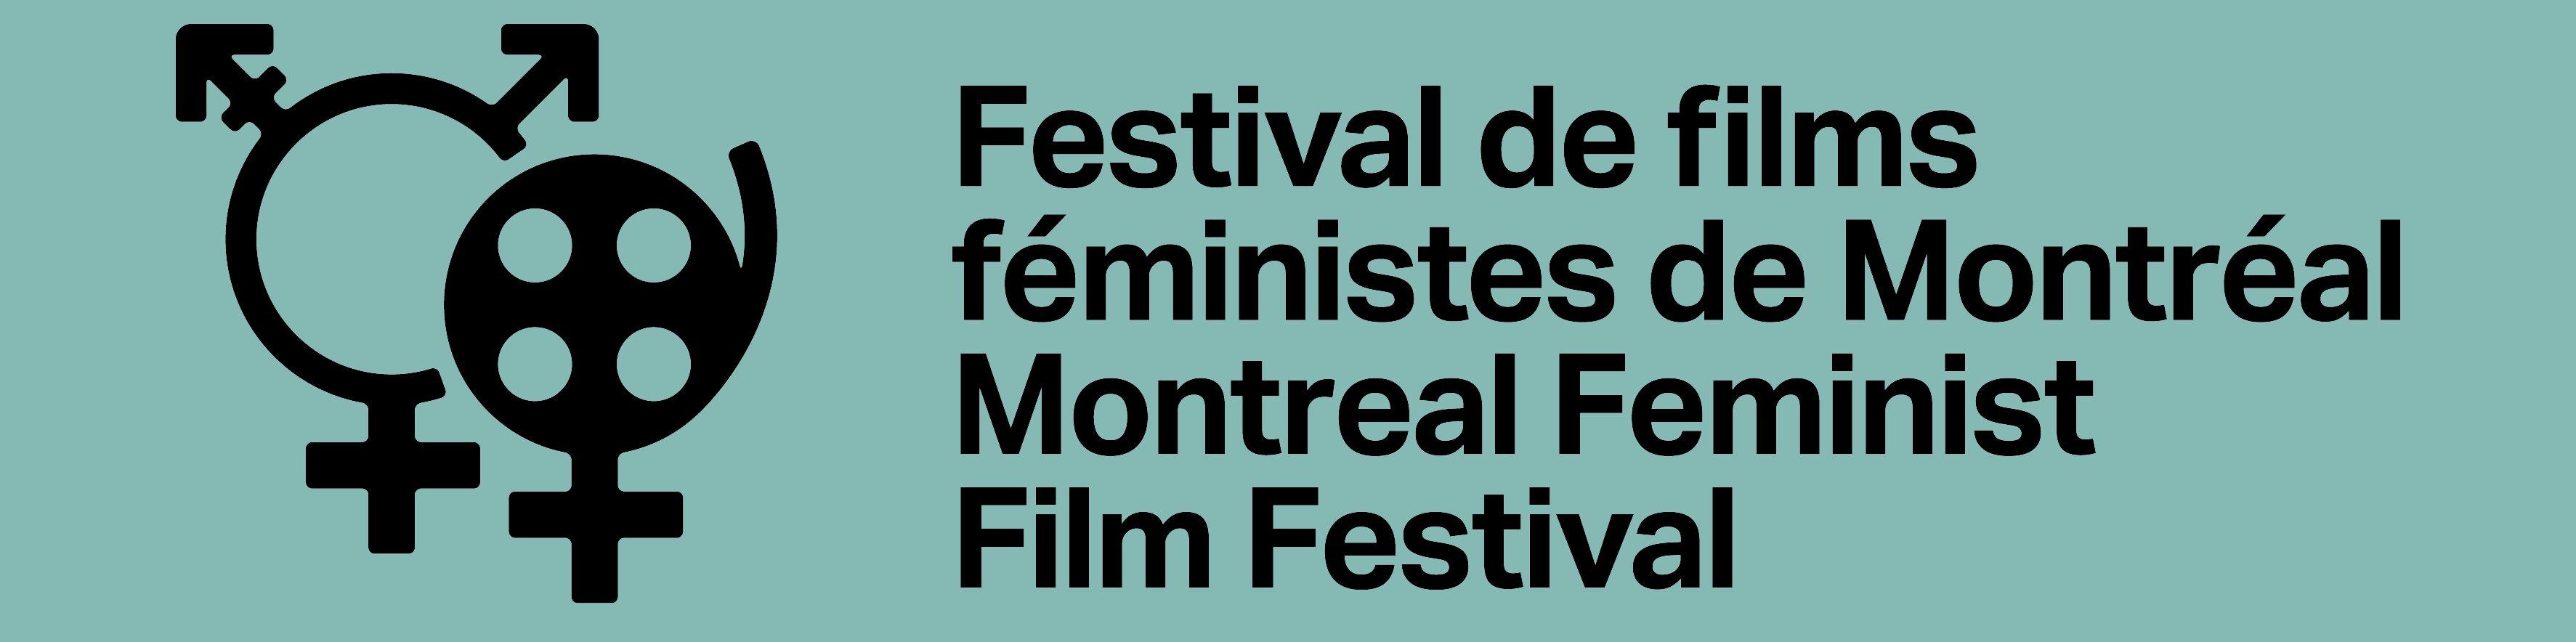 FESTIVAL DE FILMS FÉMINISTES DE MONTRÉAL